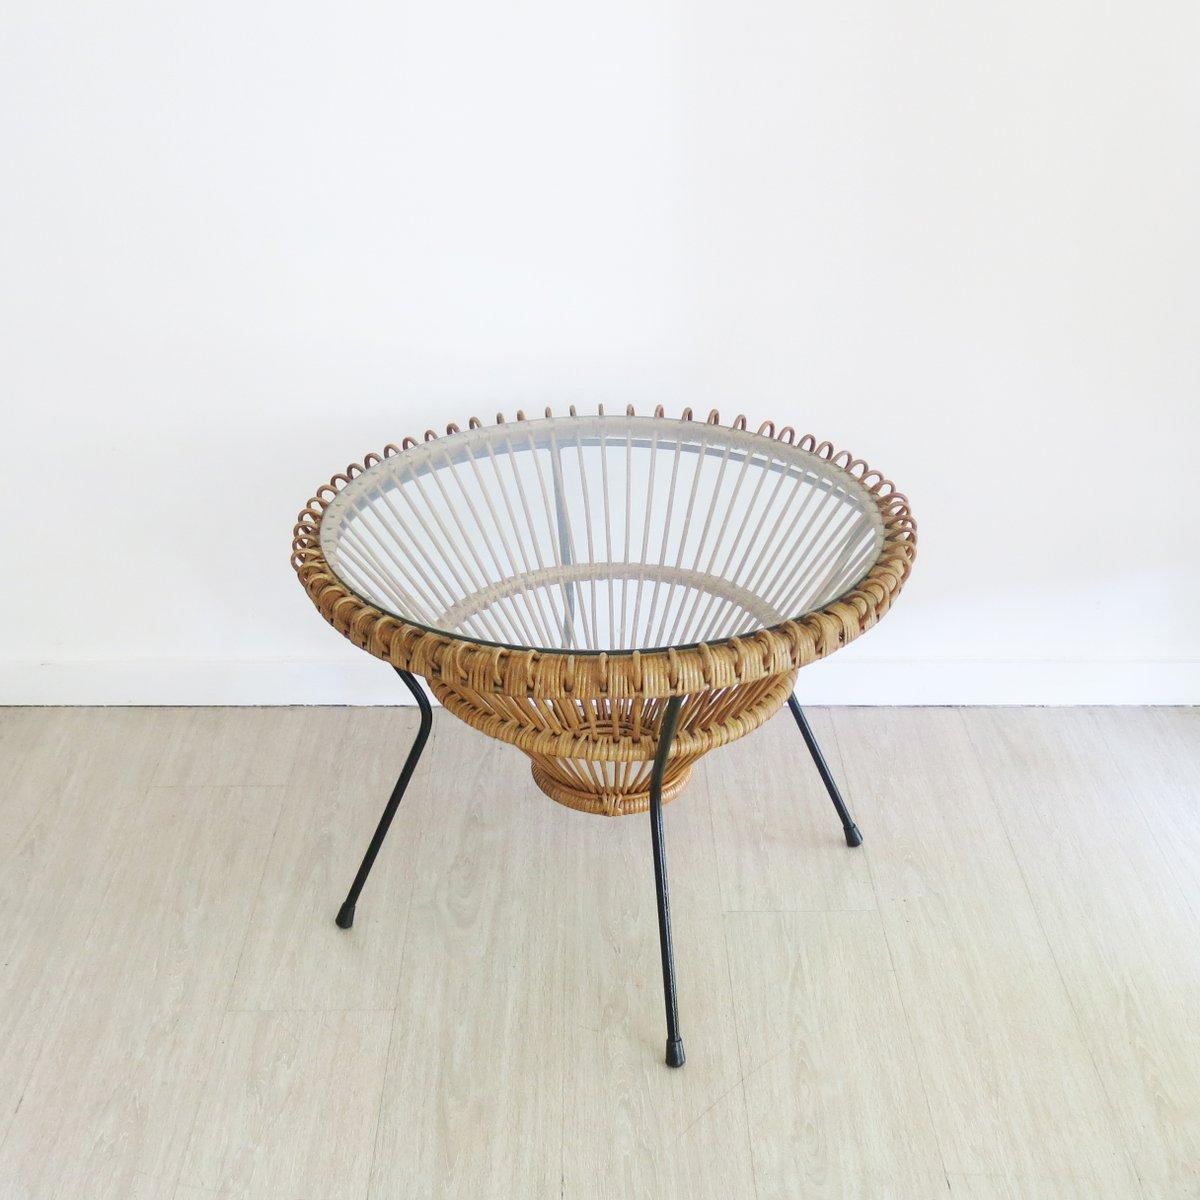 rattan couchtisch von franco albini 1950er bei pamono kaufen. Black Bedroom Furniture Sets. Home Design Ideas